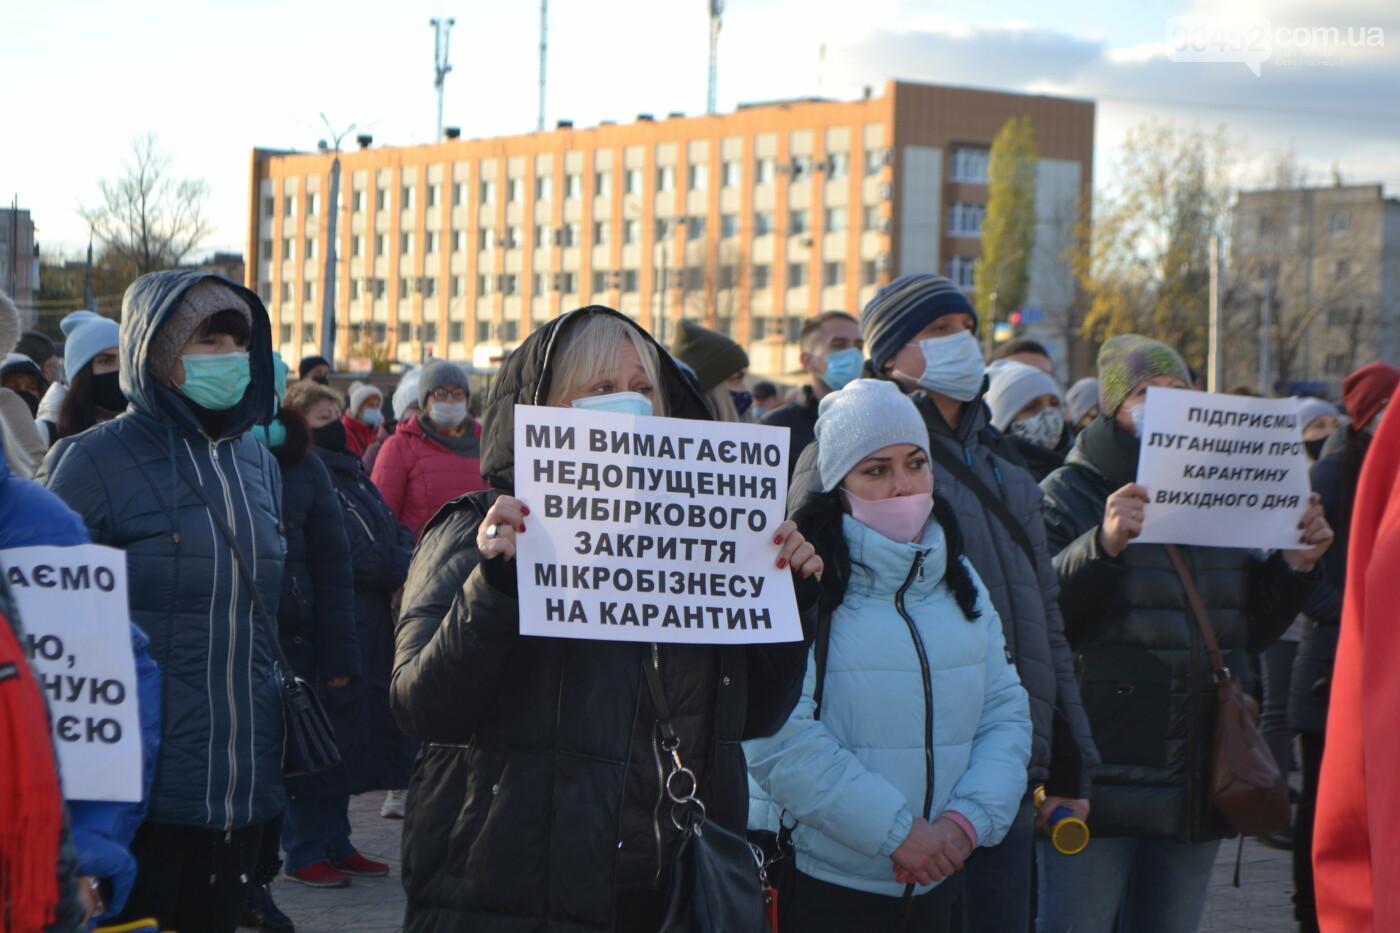 """Предприниматели Луганщины вышли на митинг против """"карантина выходного дня"""" (фото, видео), фото-30"""